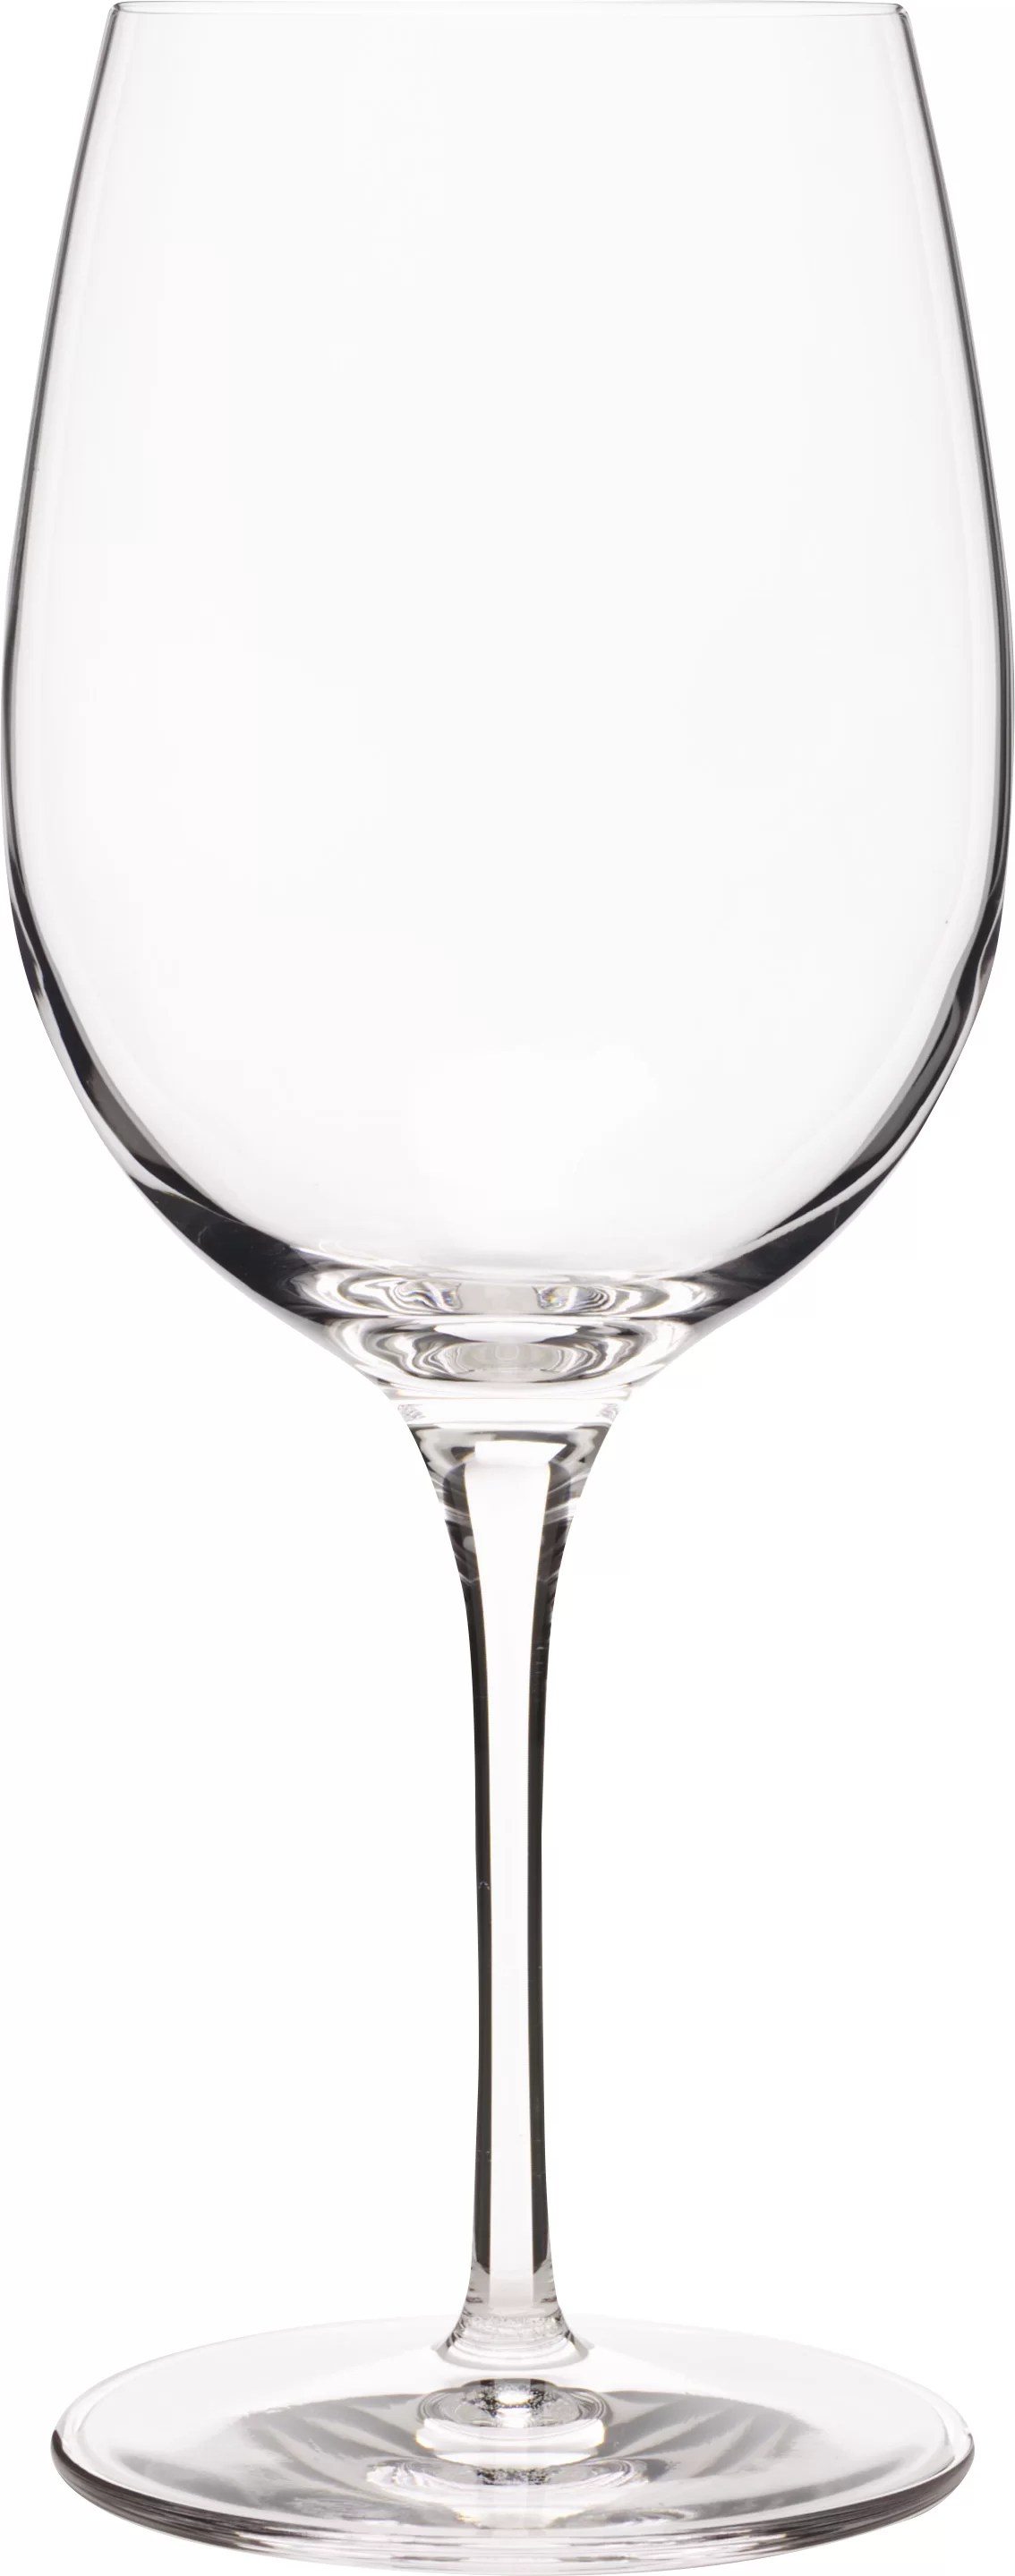 Luigi Bormioli Crescendo Red Wine Glass Amp Reviews